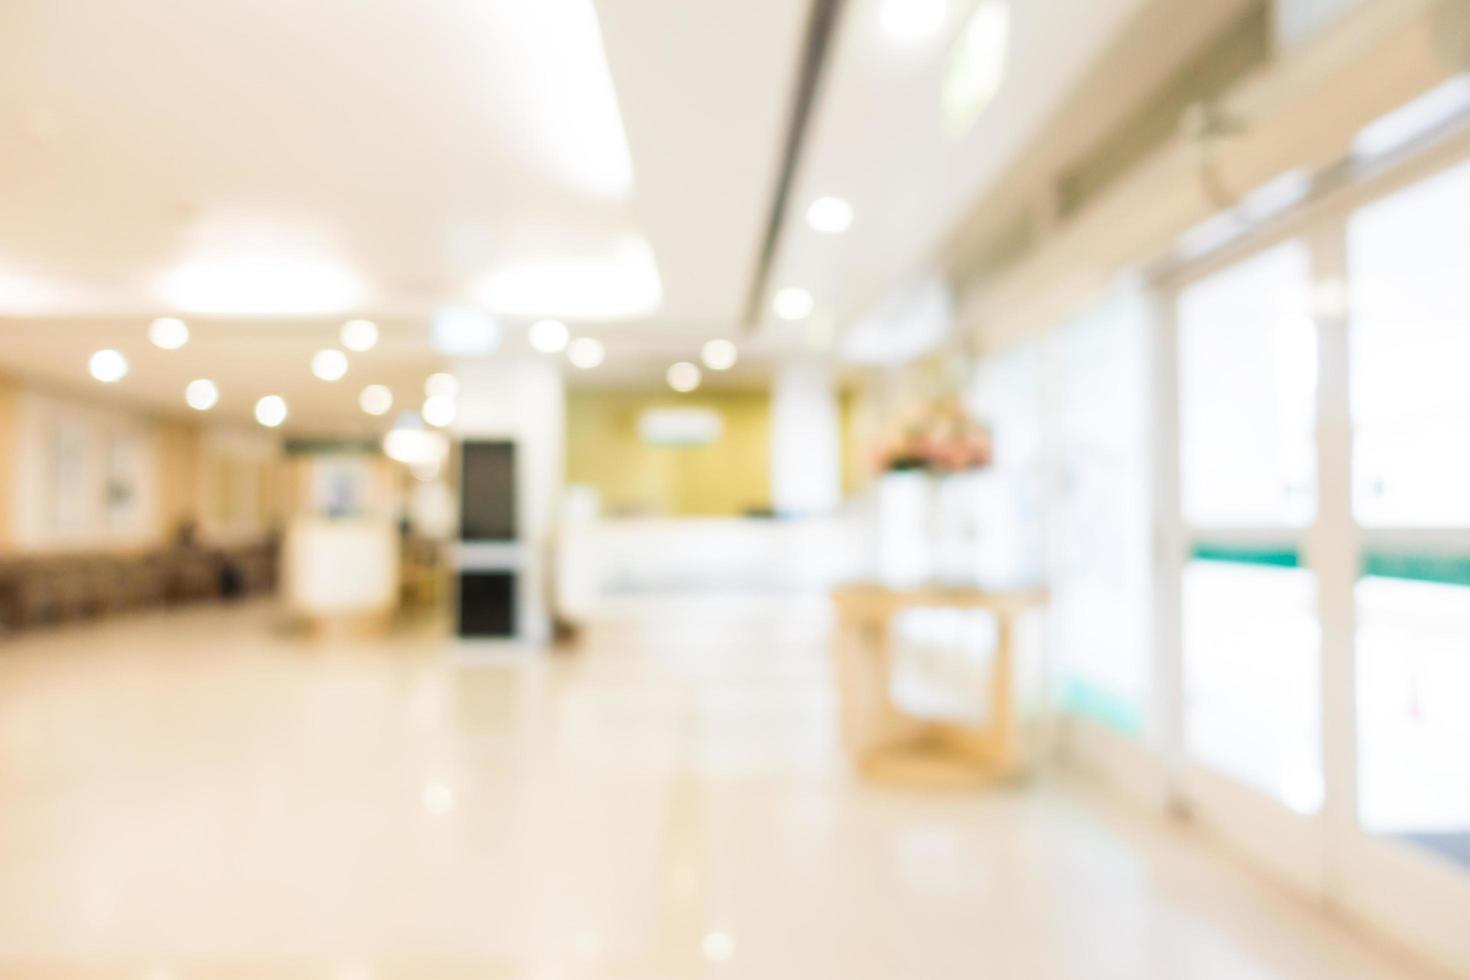 abstrakt defokussiertes Krankenhaus- und Klinikinterieur foto